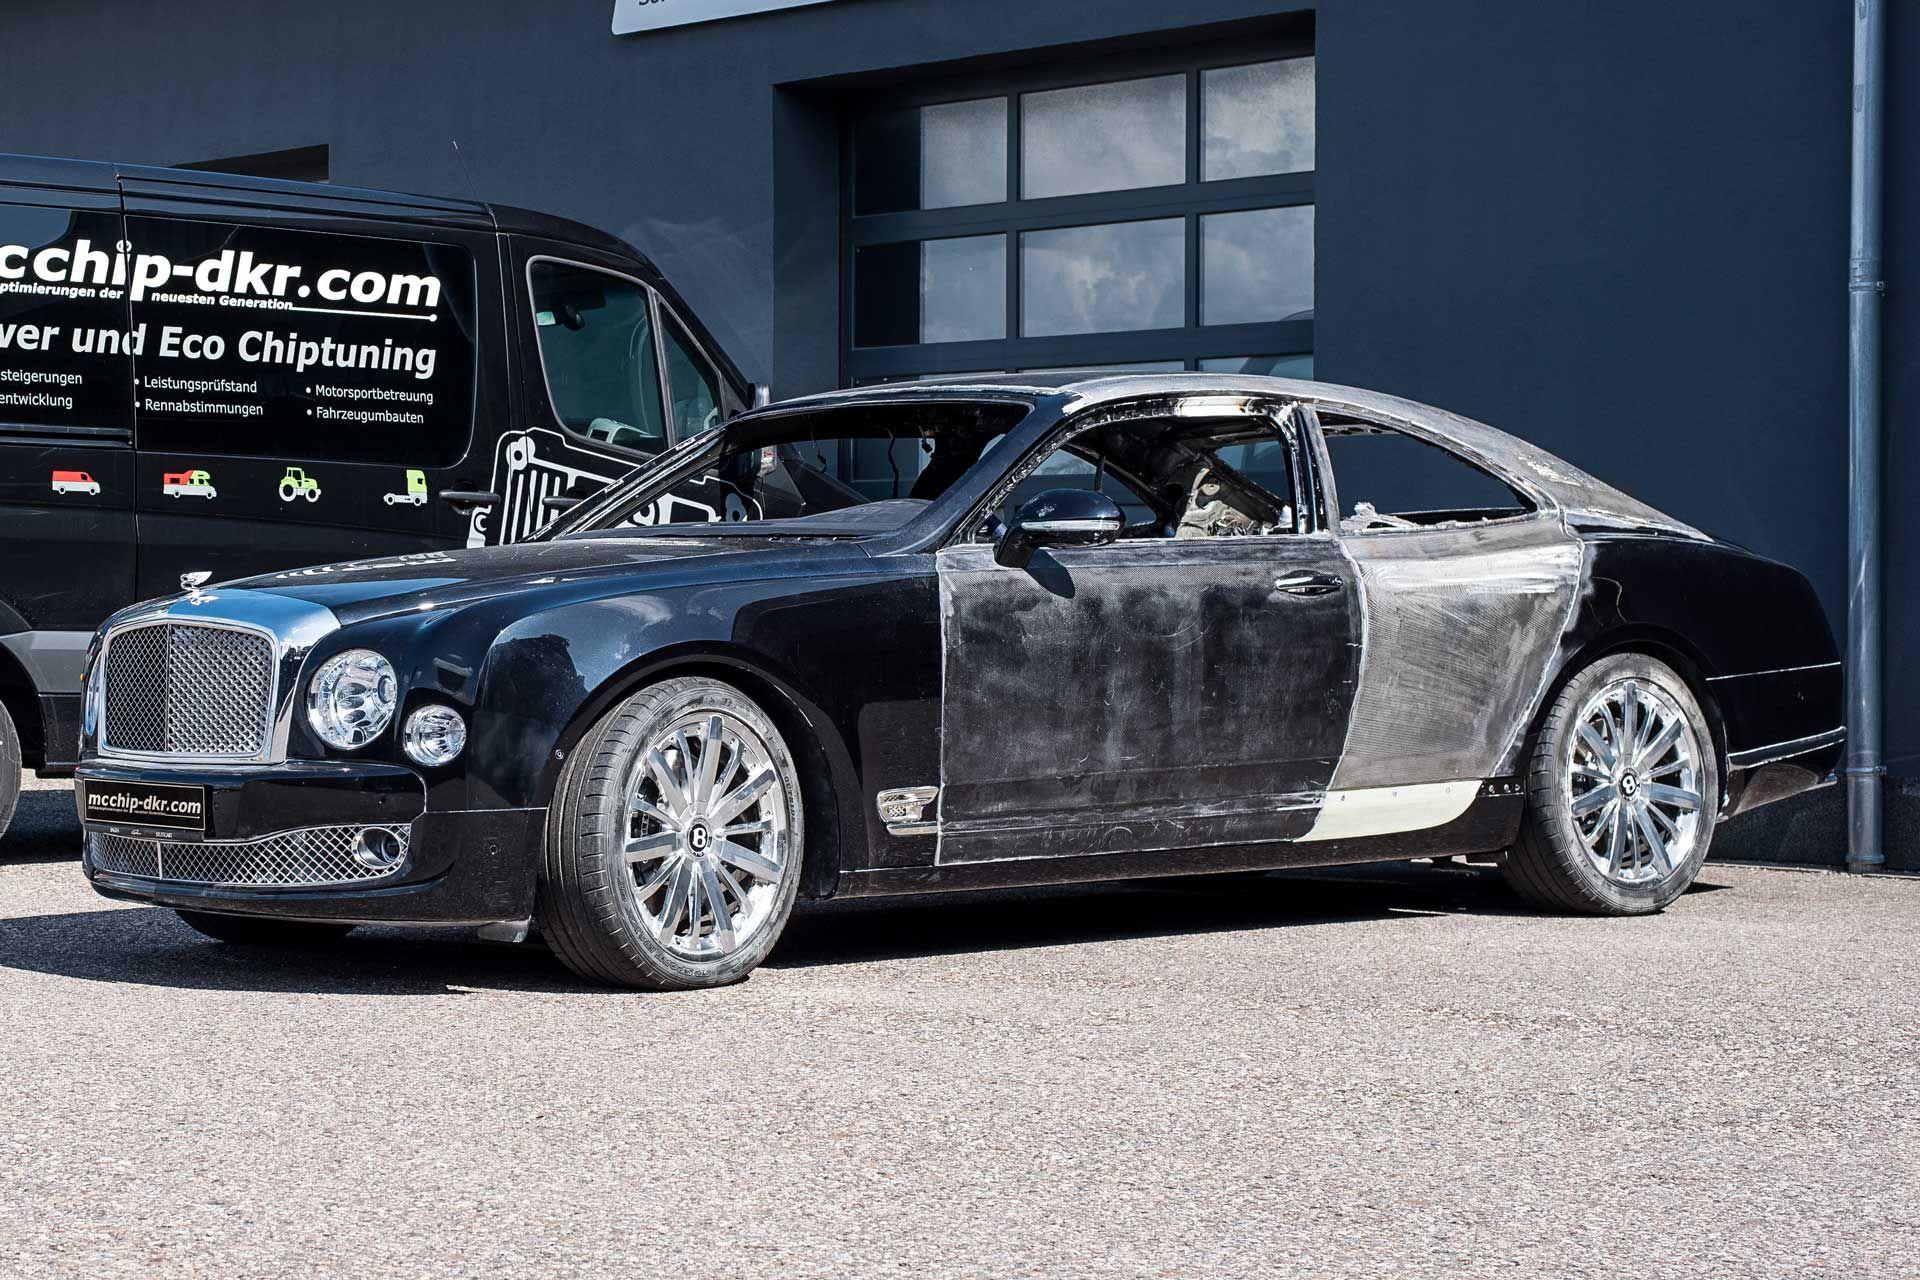 Bentley Brooklands shop-made & Bentley Mulsanne Coupe - Custom Mulsanne Two-Door